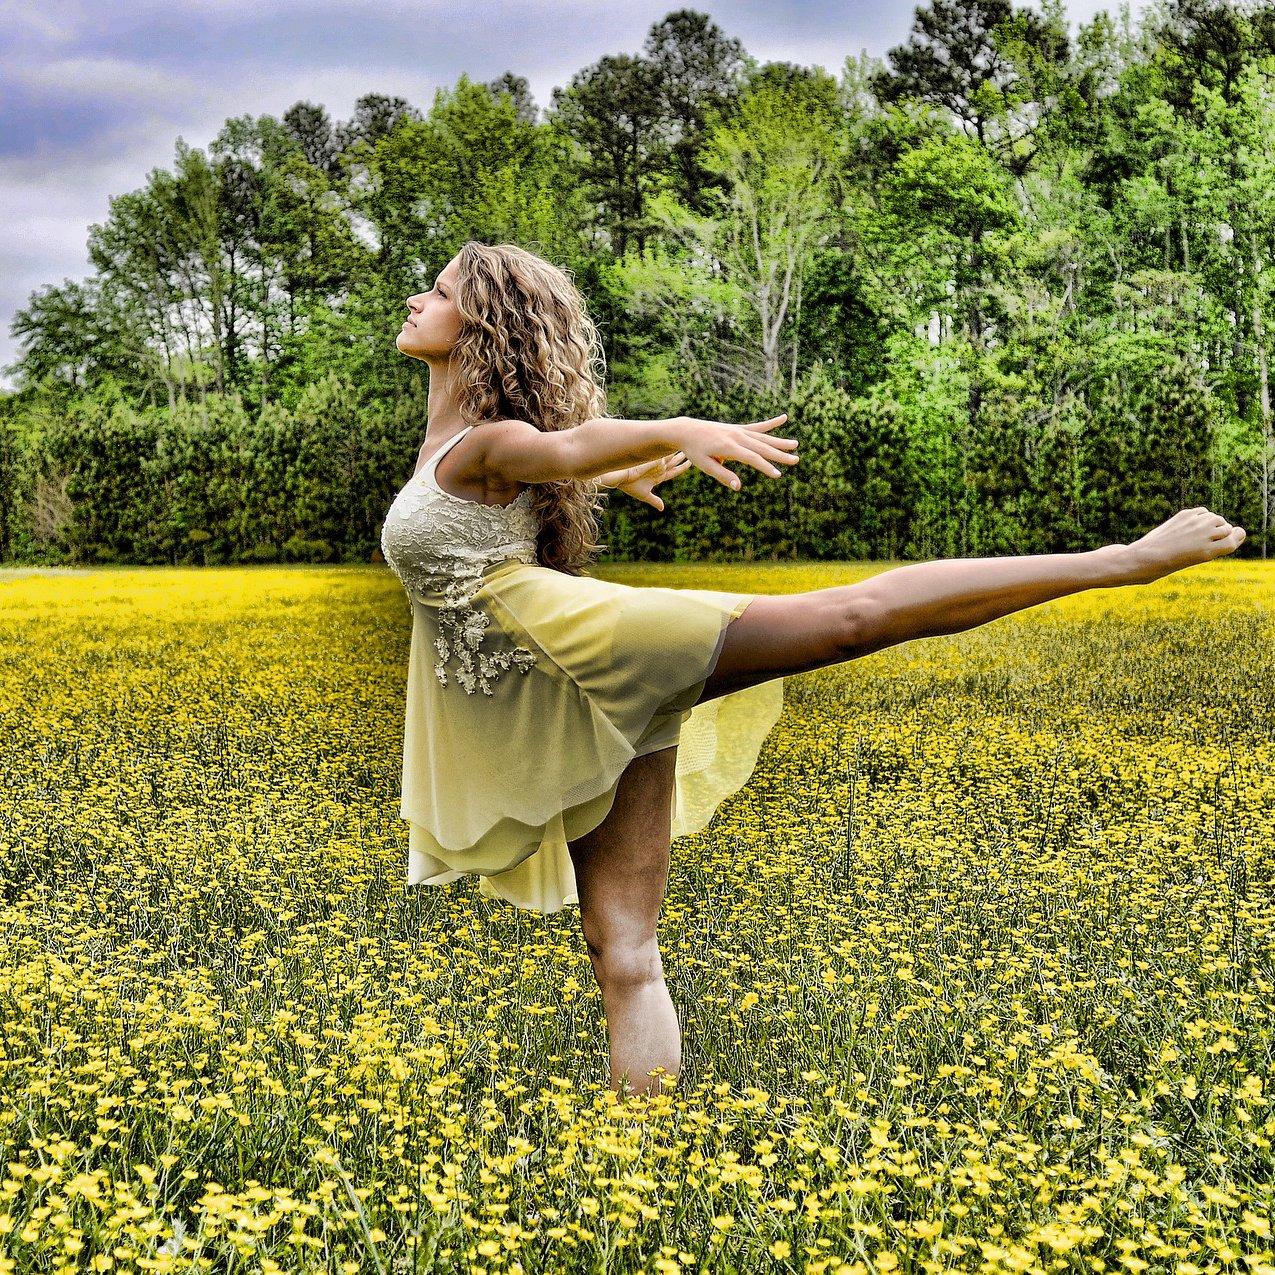 Dance & Praise (1275x1275px)